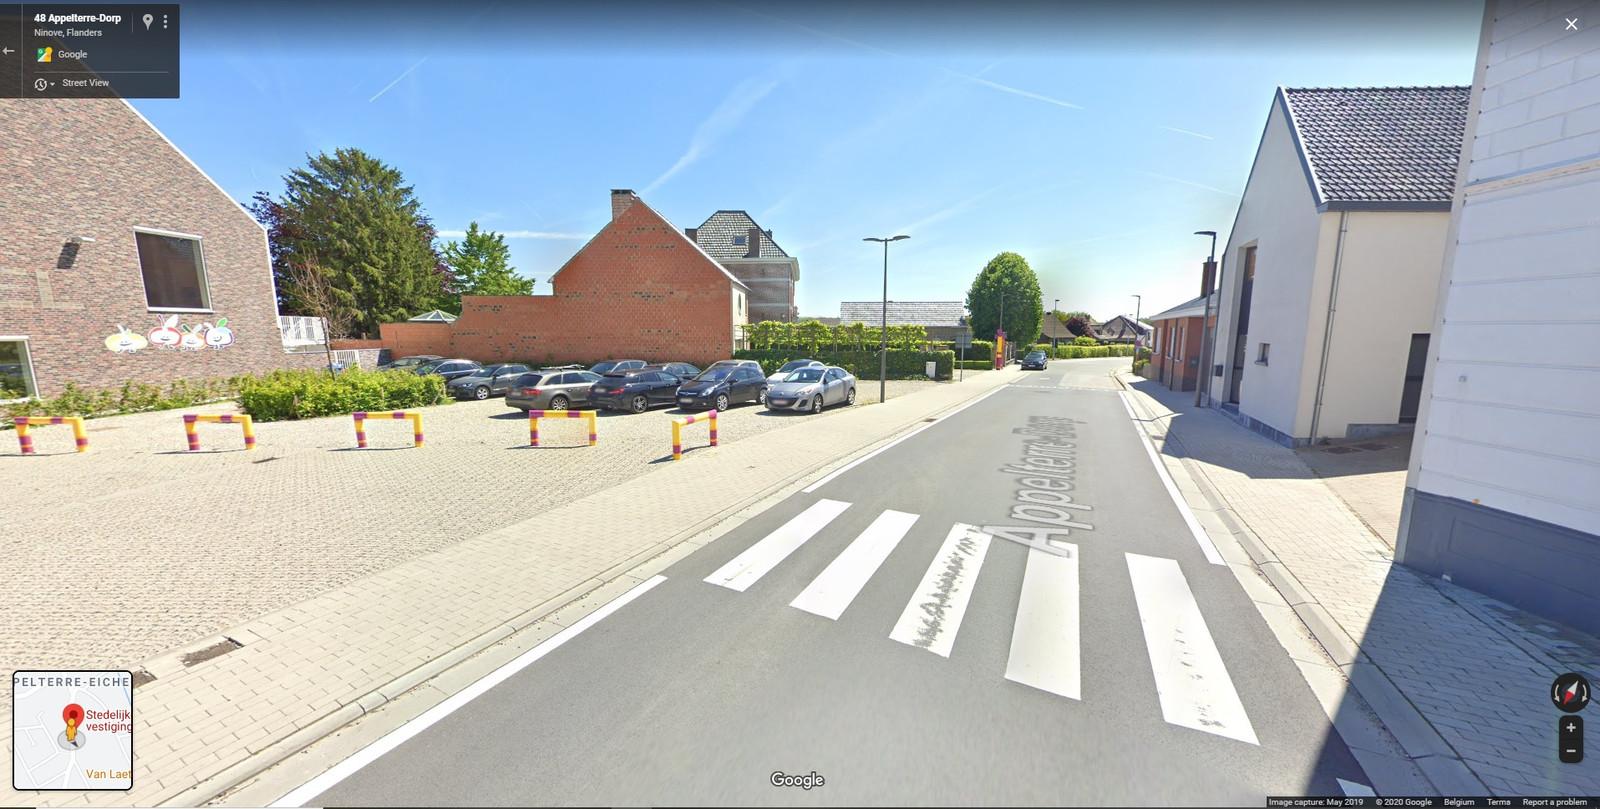 Op de woning naast De Oogappel in Appelterre werd er ook een opschrift achtergelaten.